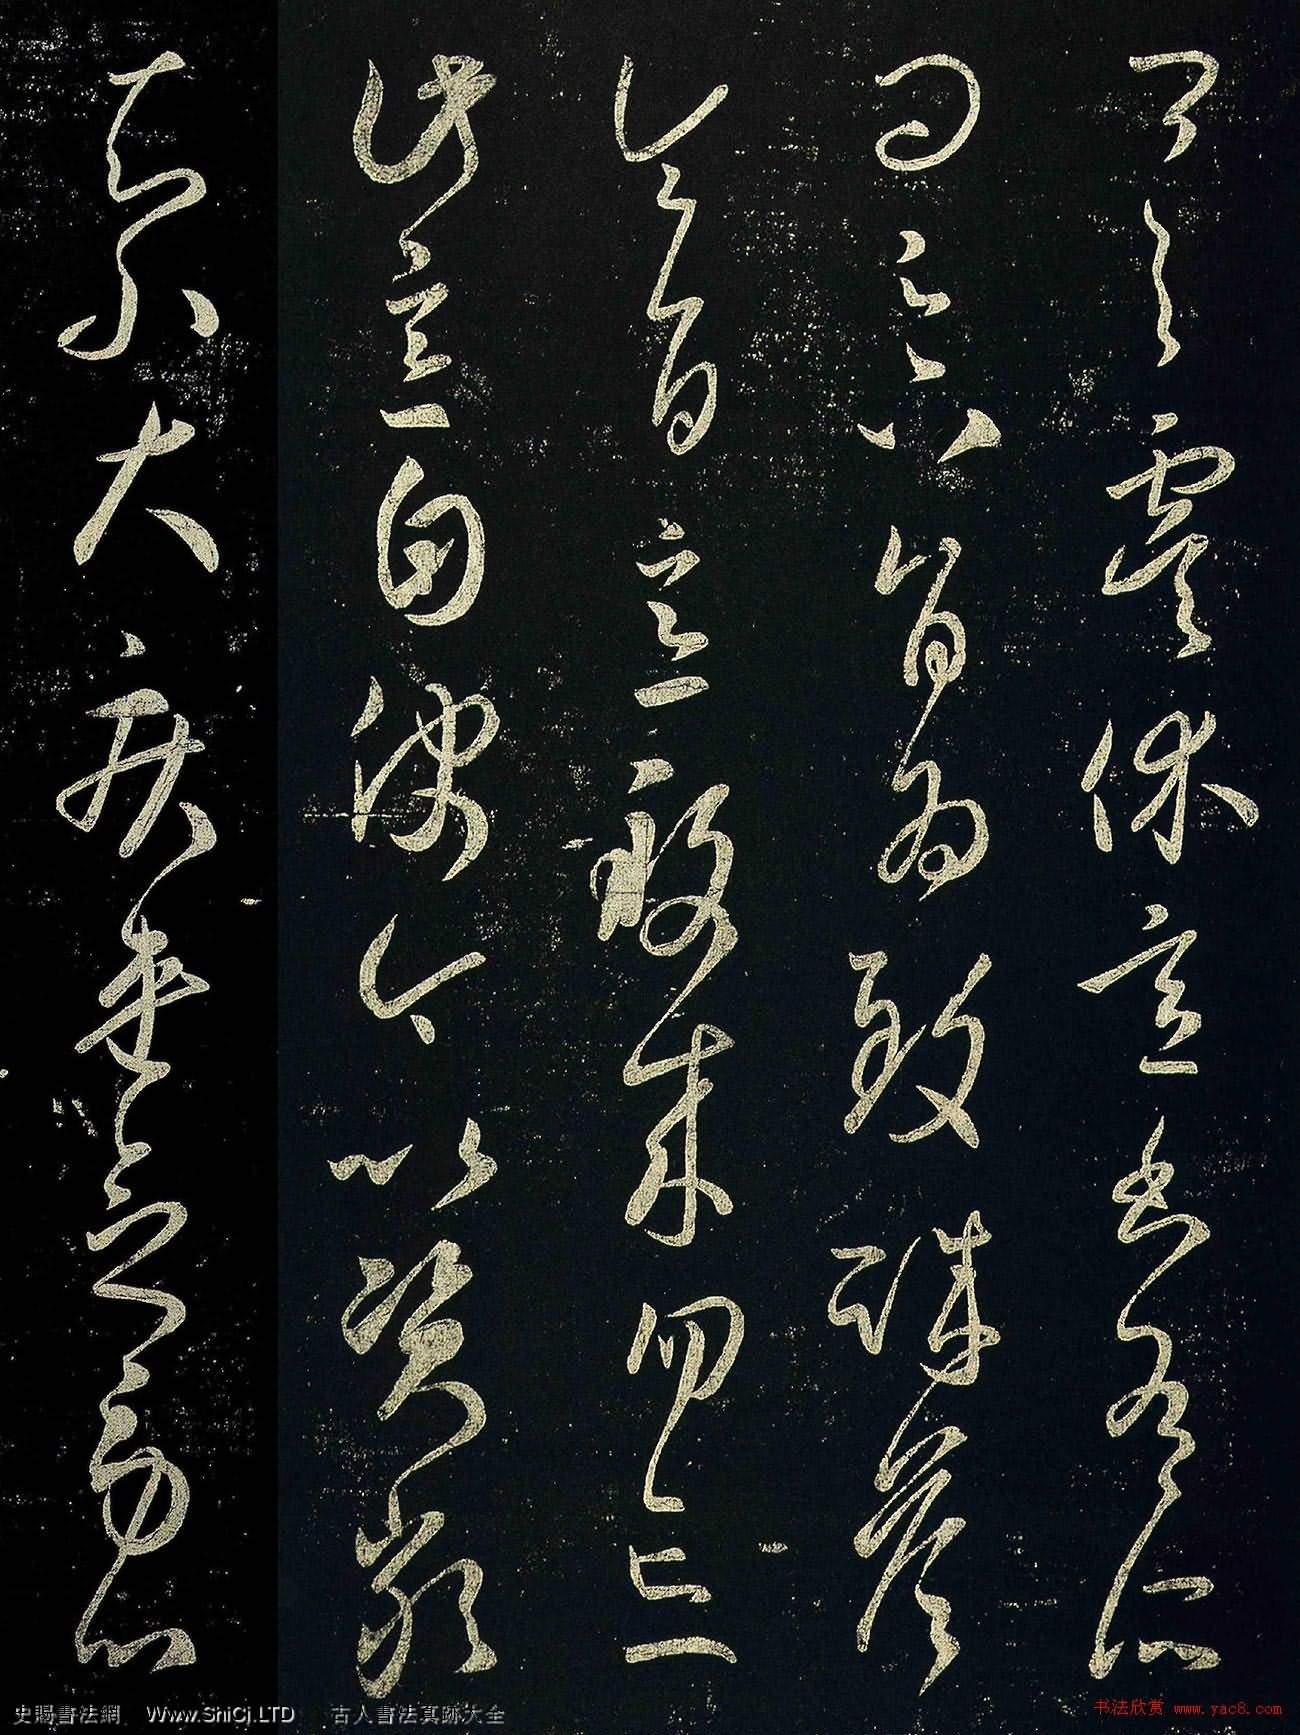 王羲之の草書「虞休帖」の二バージョン(全部で6枚の写真)